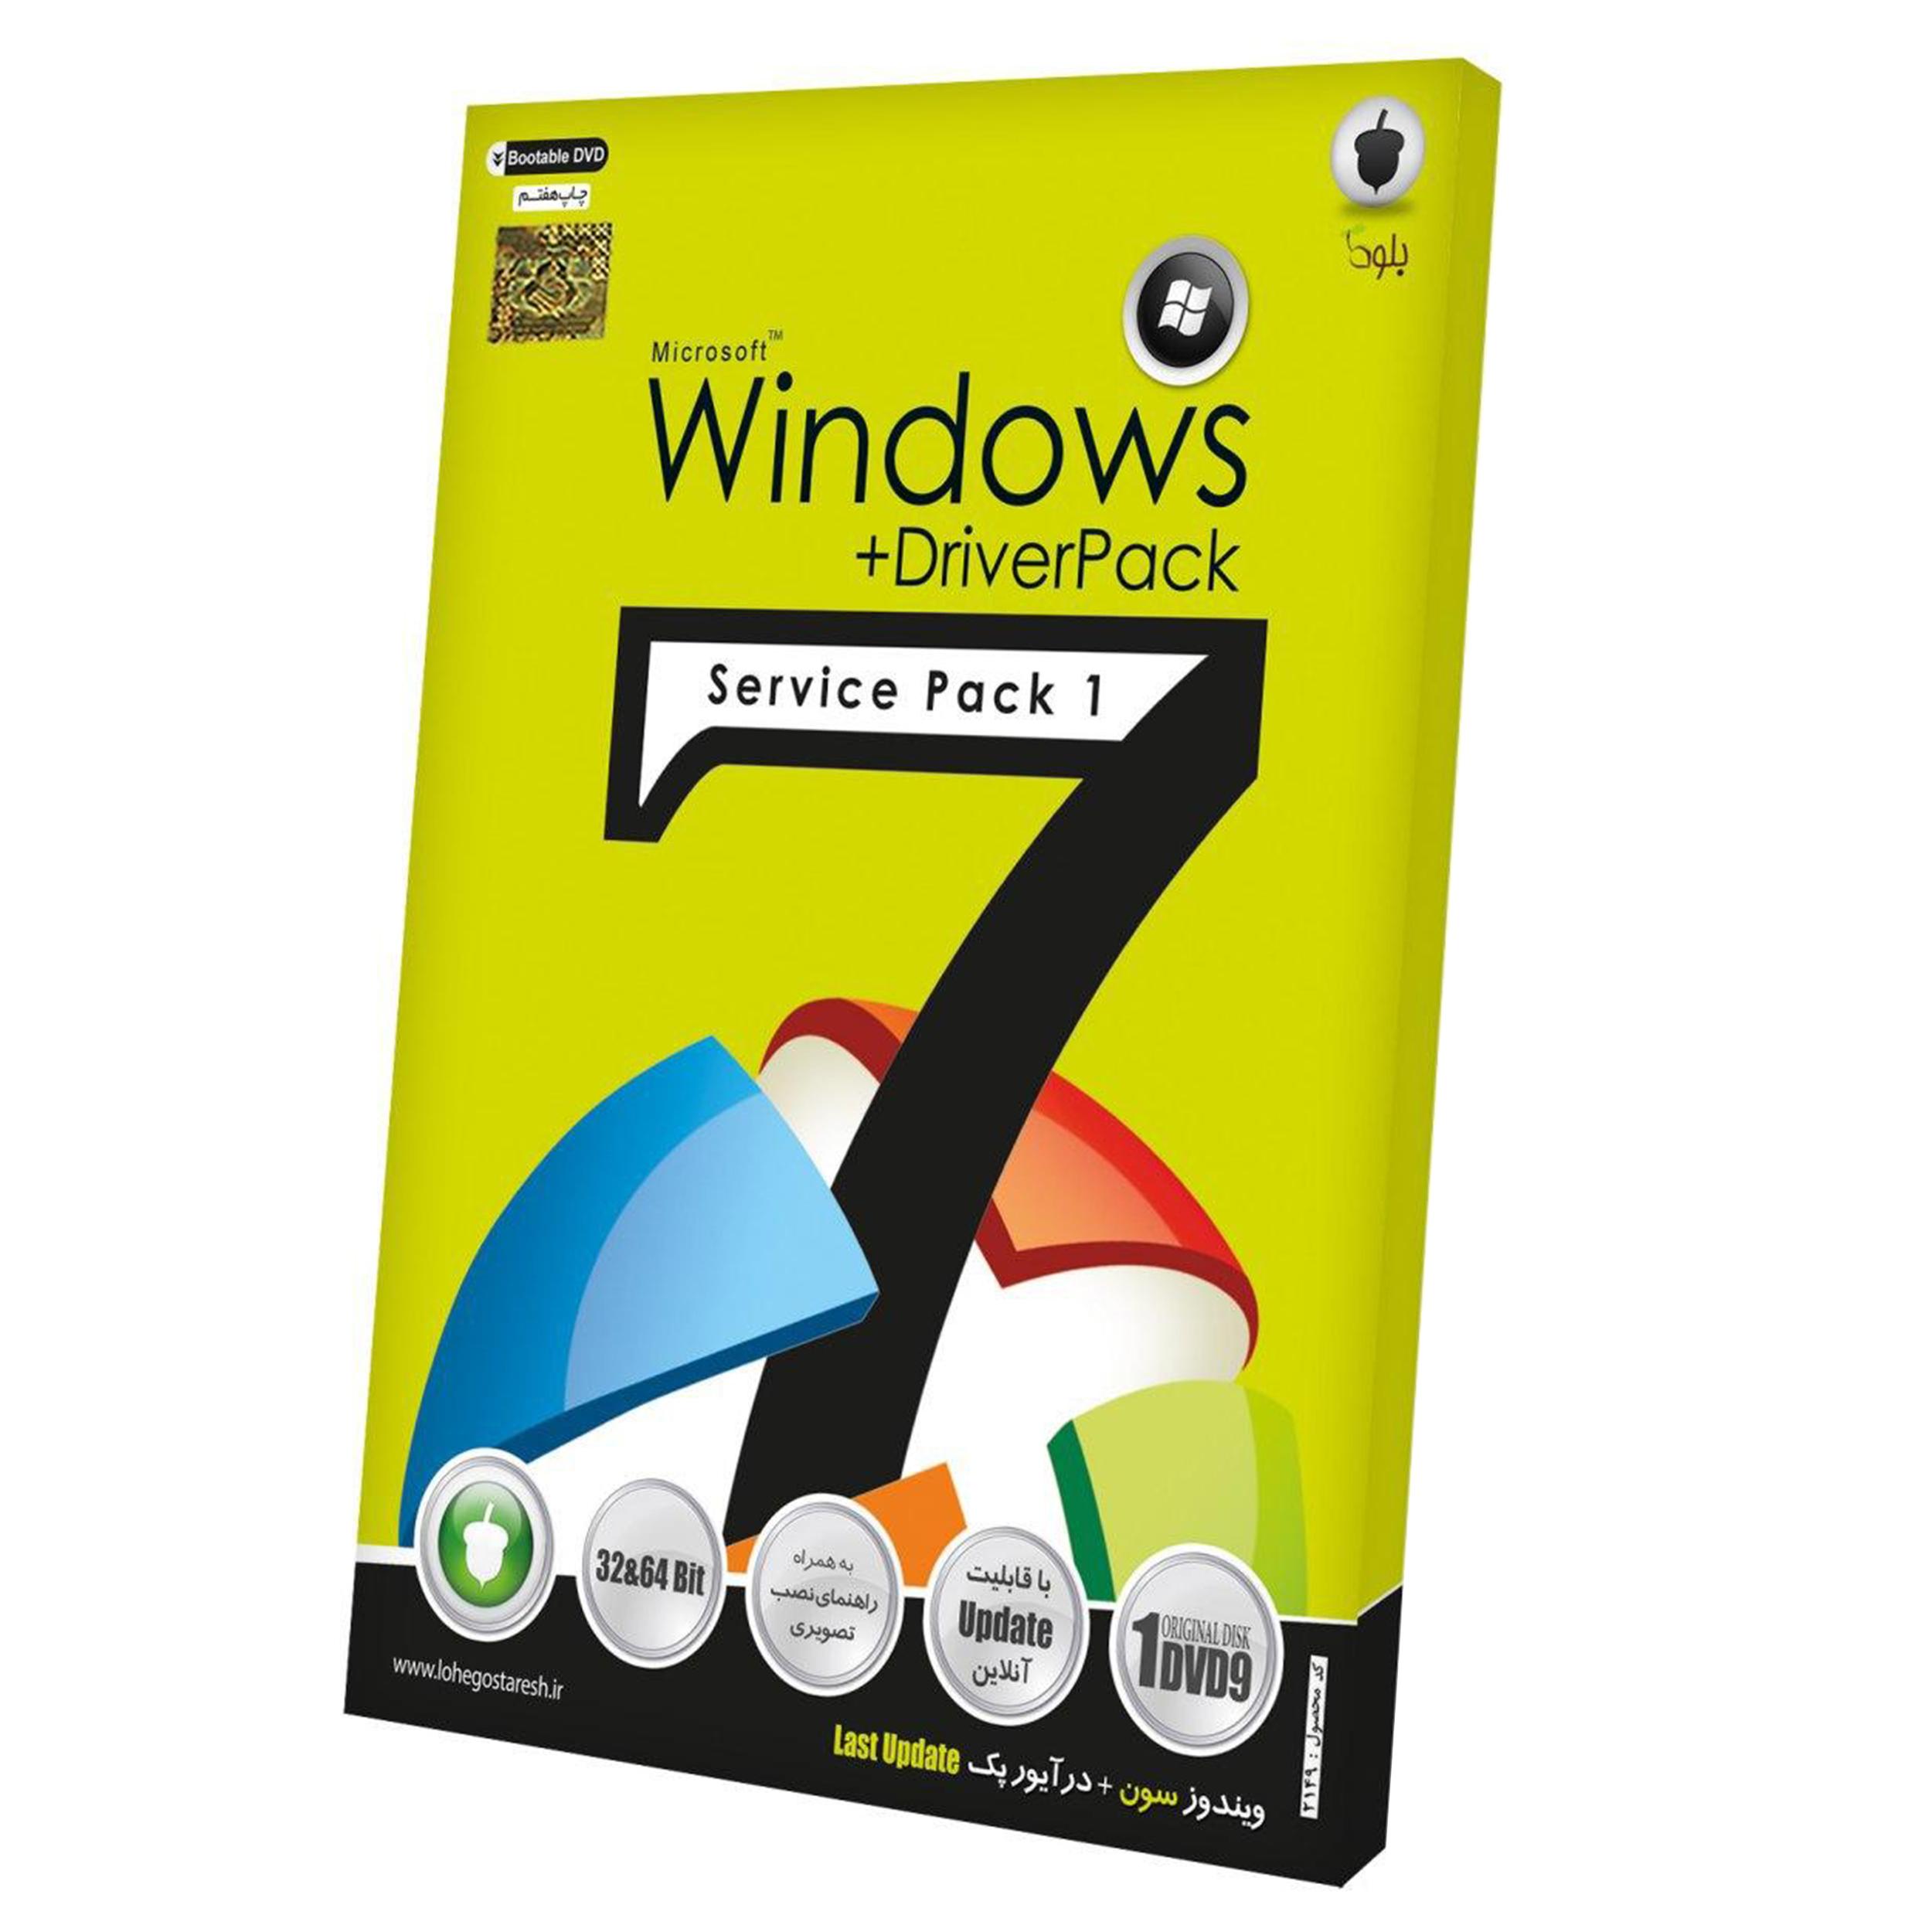 نرم افزار Windows 7 + DriverPack انتشارات بلوط-